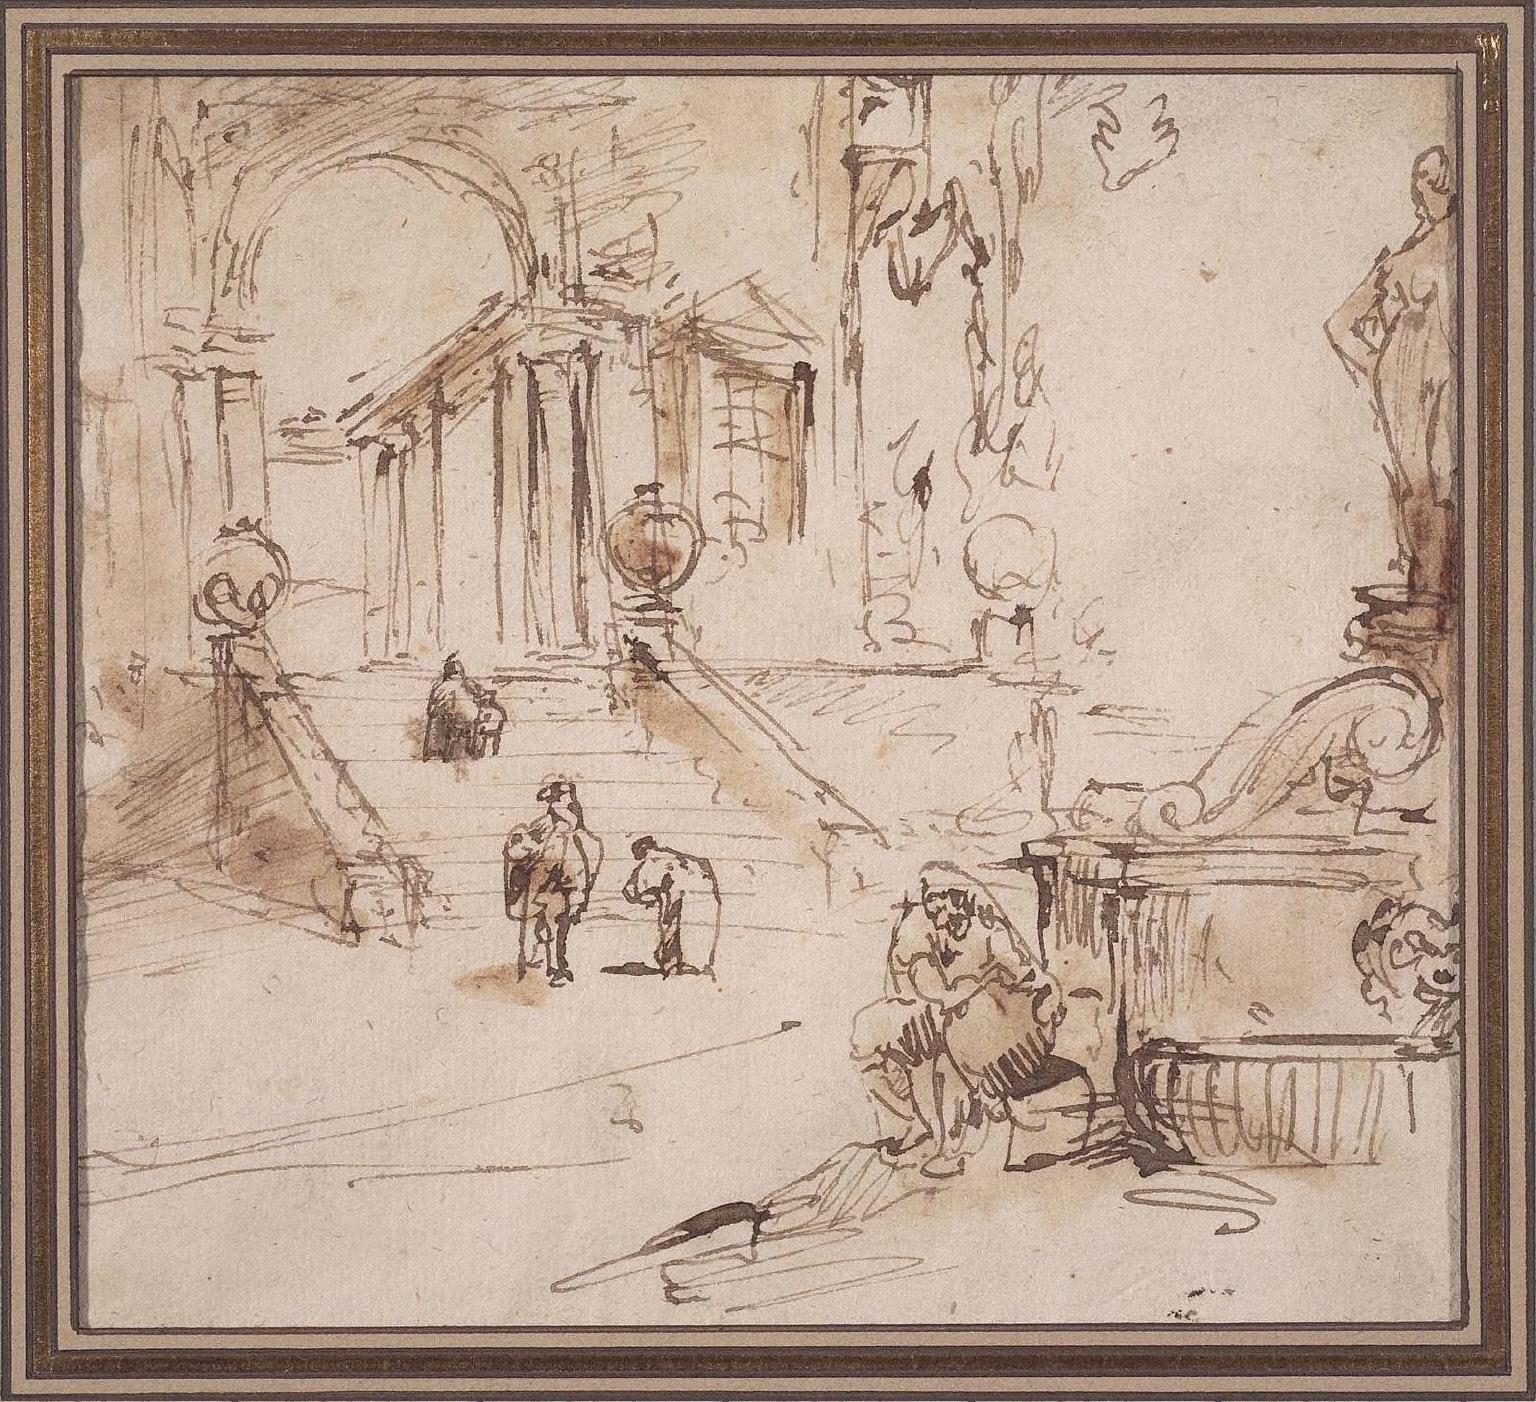 Architectural Capriccio with Fountain